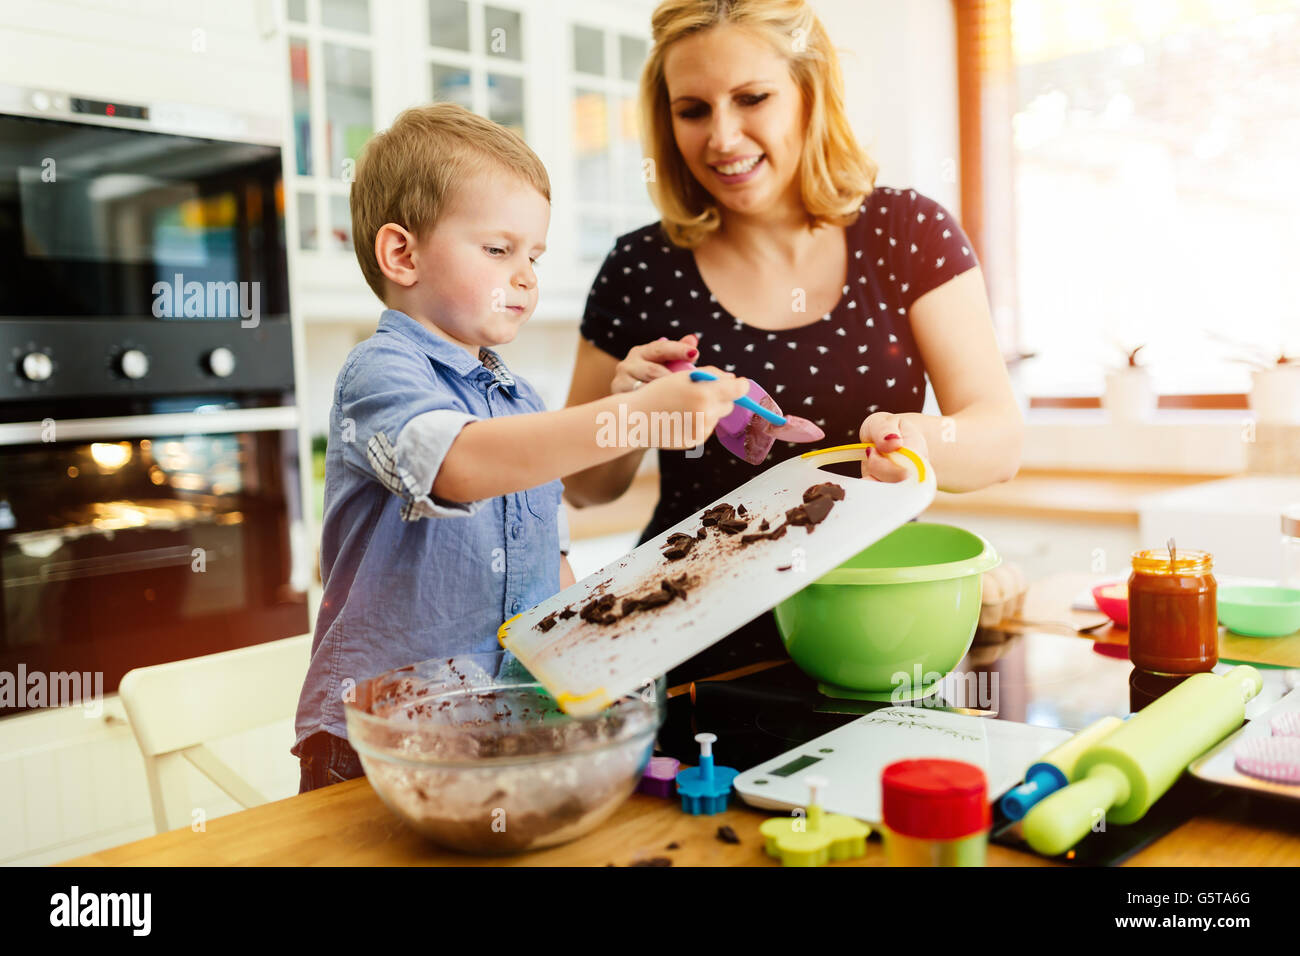 Belle Mère et enfant dans la cuisine avec l'amour Photo Stock